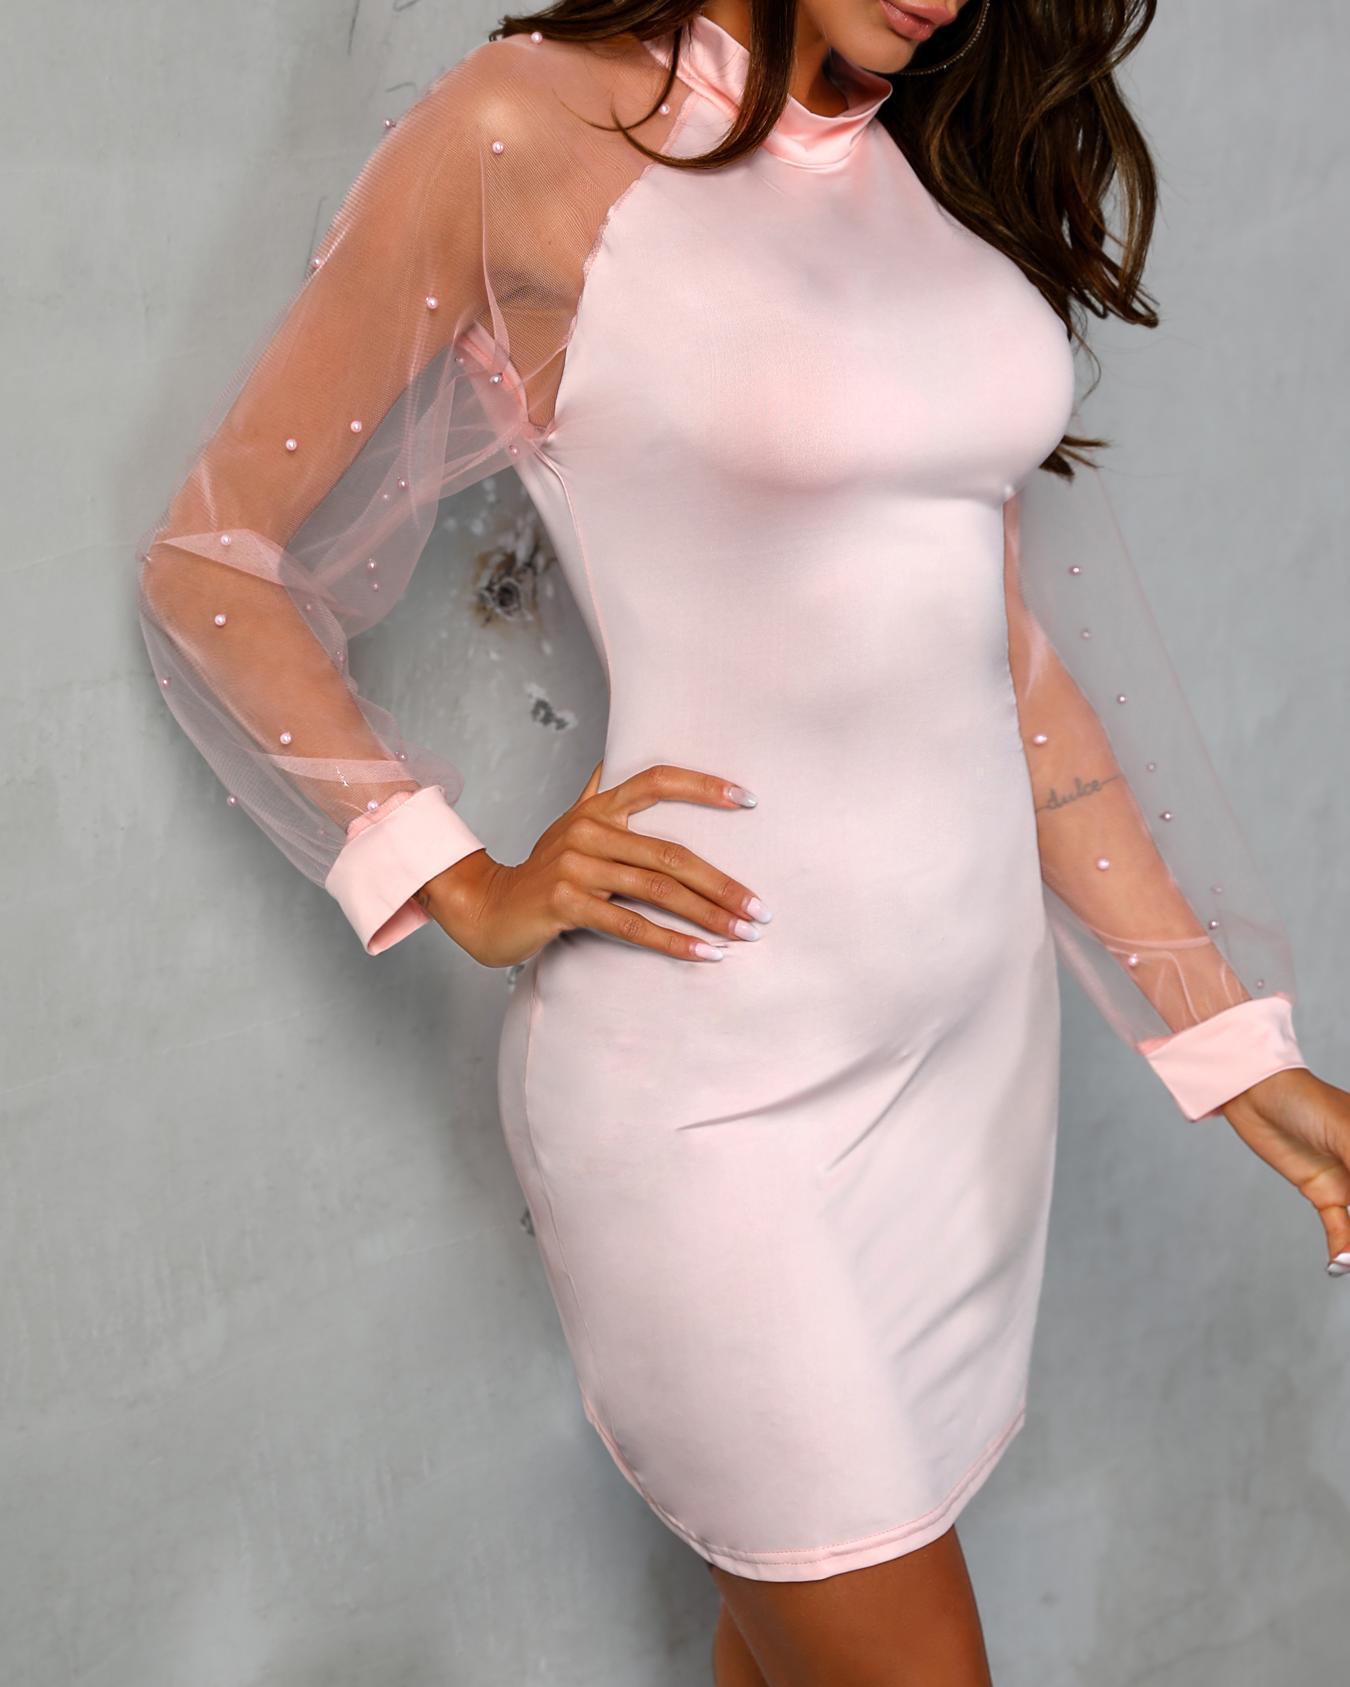 boutiquefeel / Vestido ajustado con detalle de abalorios y detalles de malla transparente